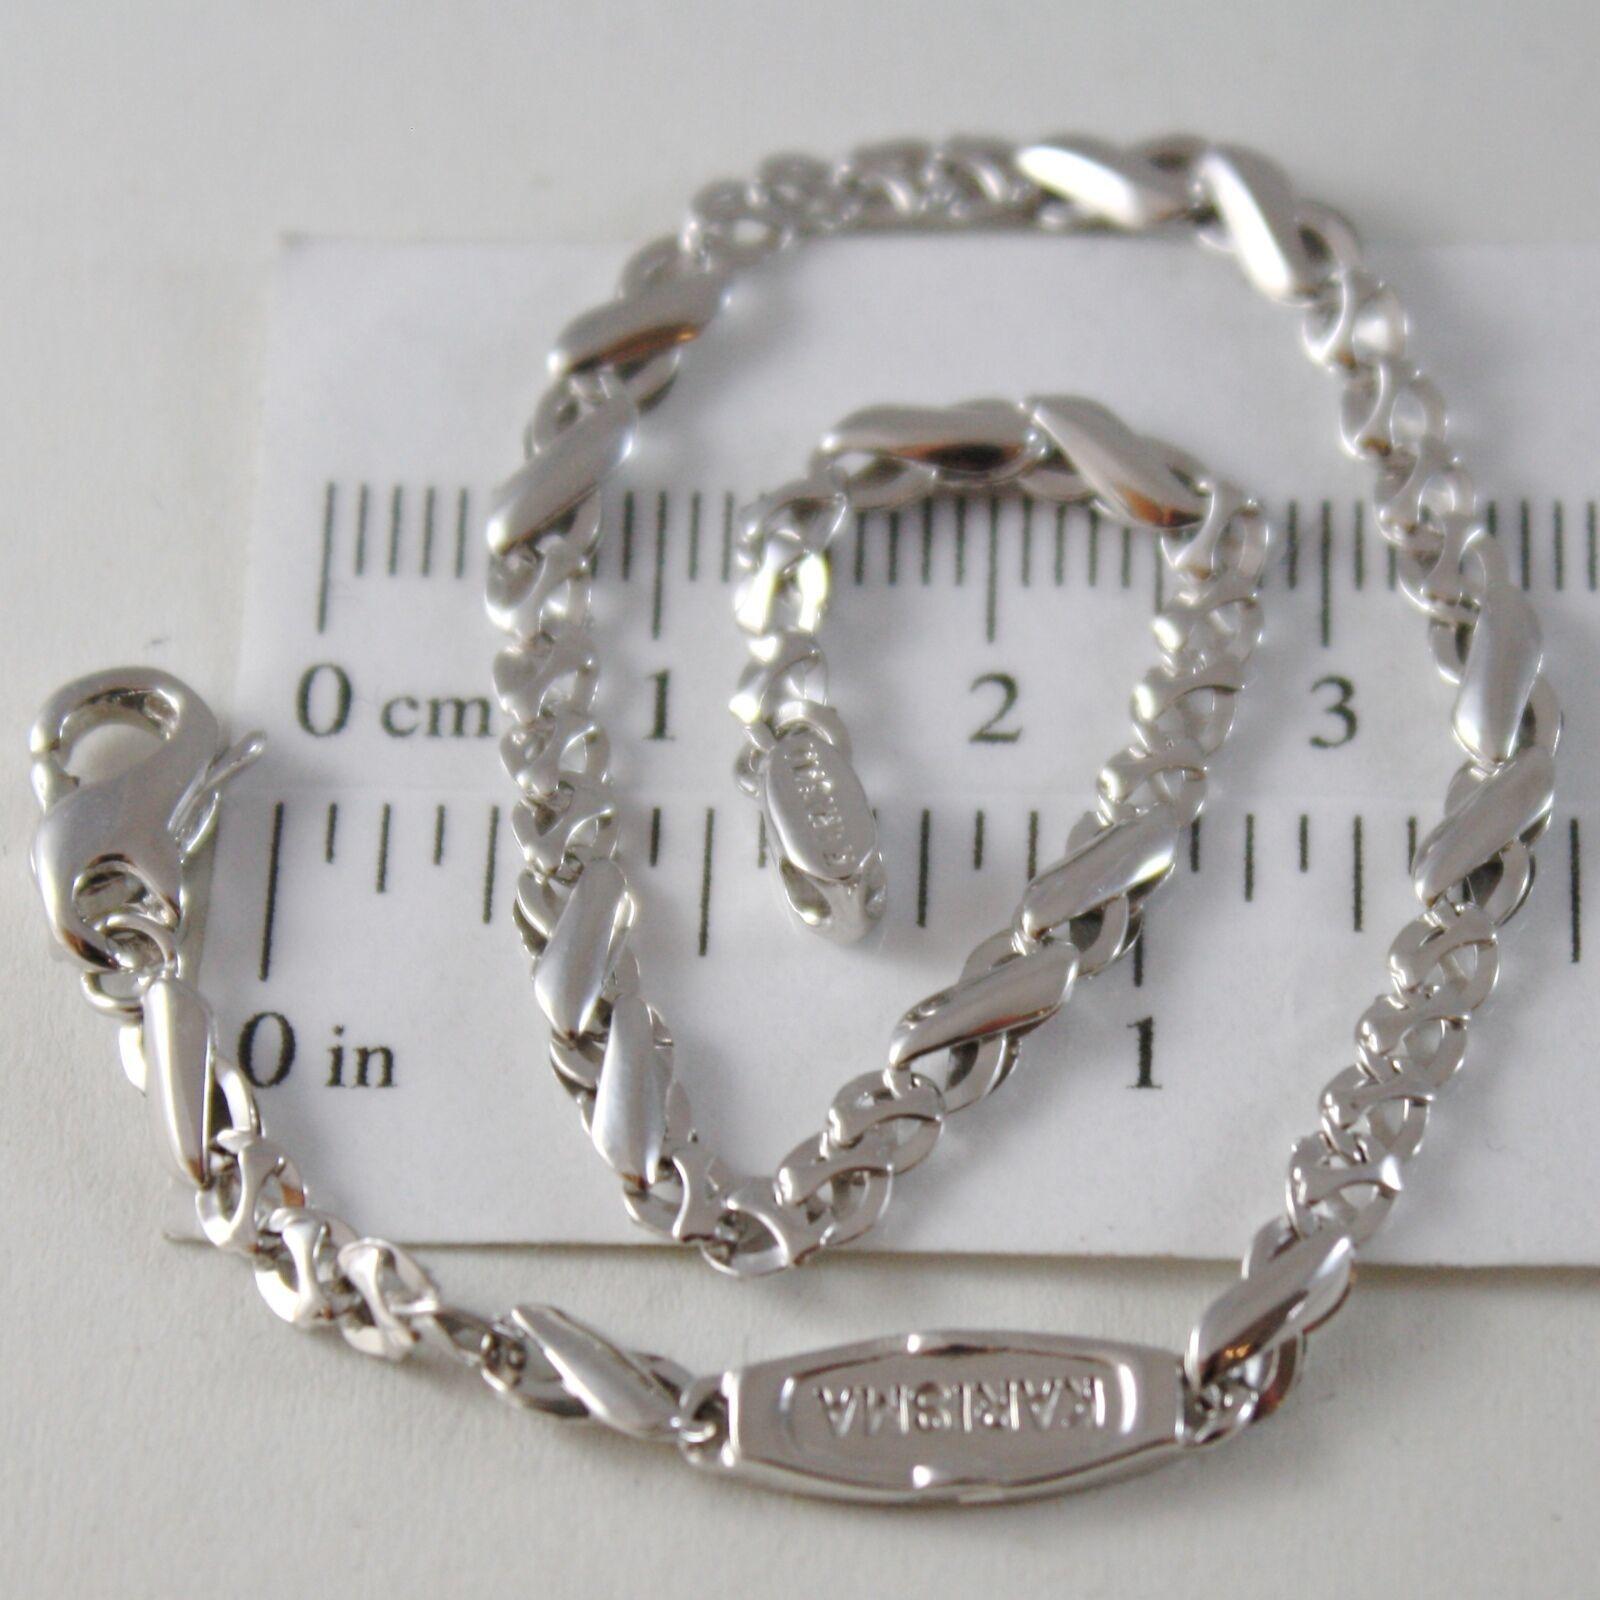 Armband aus Weißgold 750 18K, Jersey Bone Abwechselnde A Onda, Infinito, 21 CM